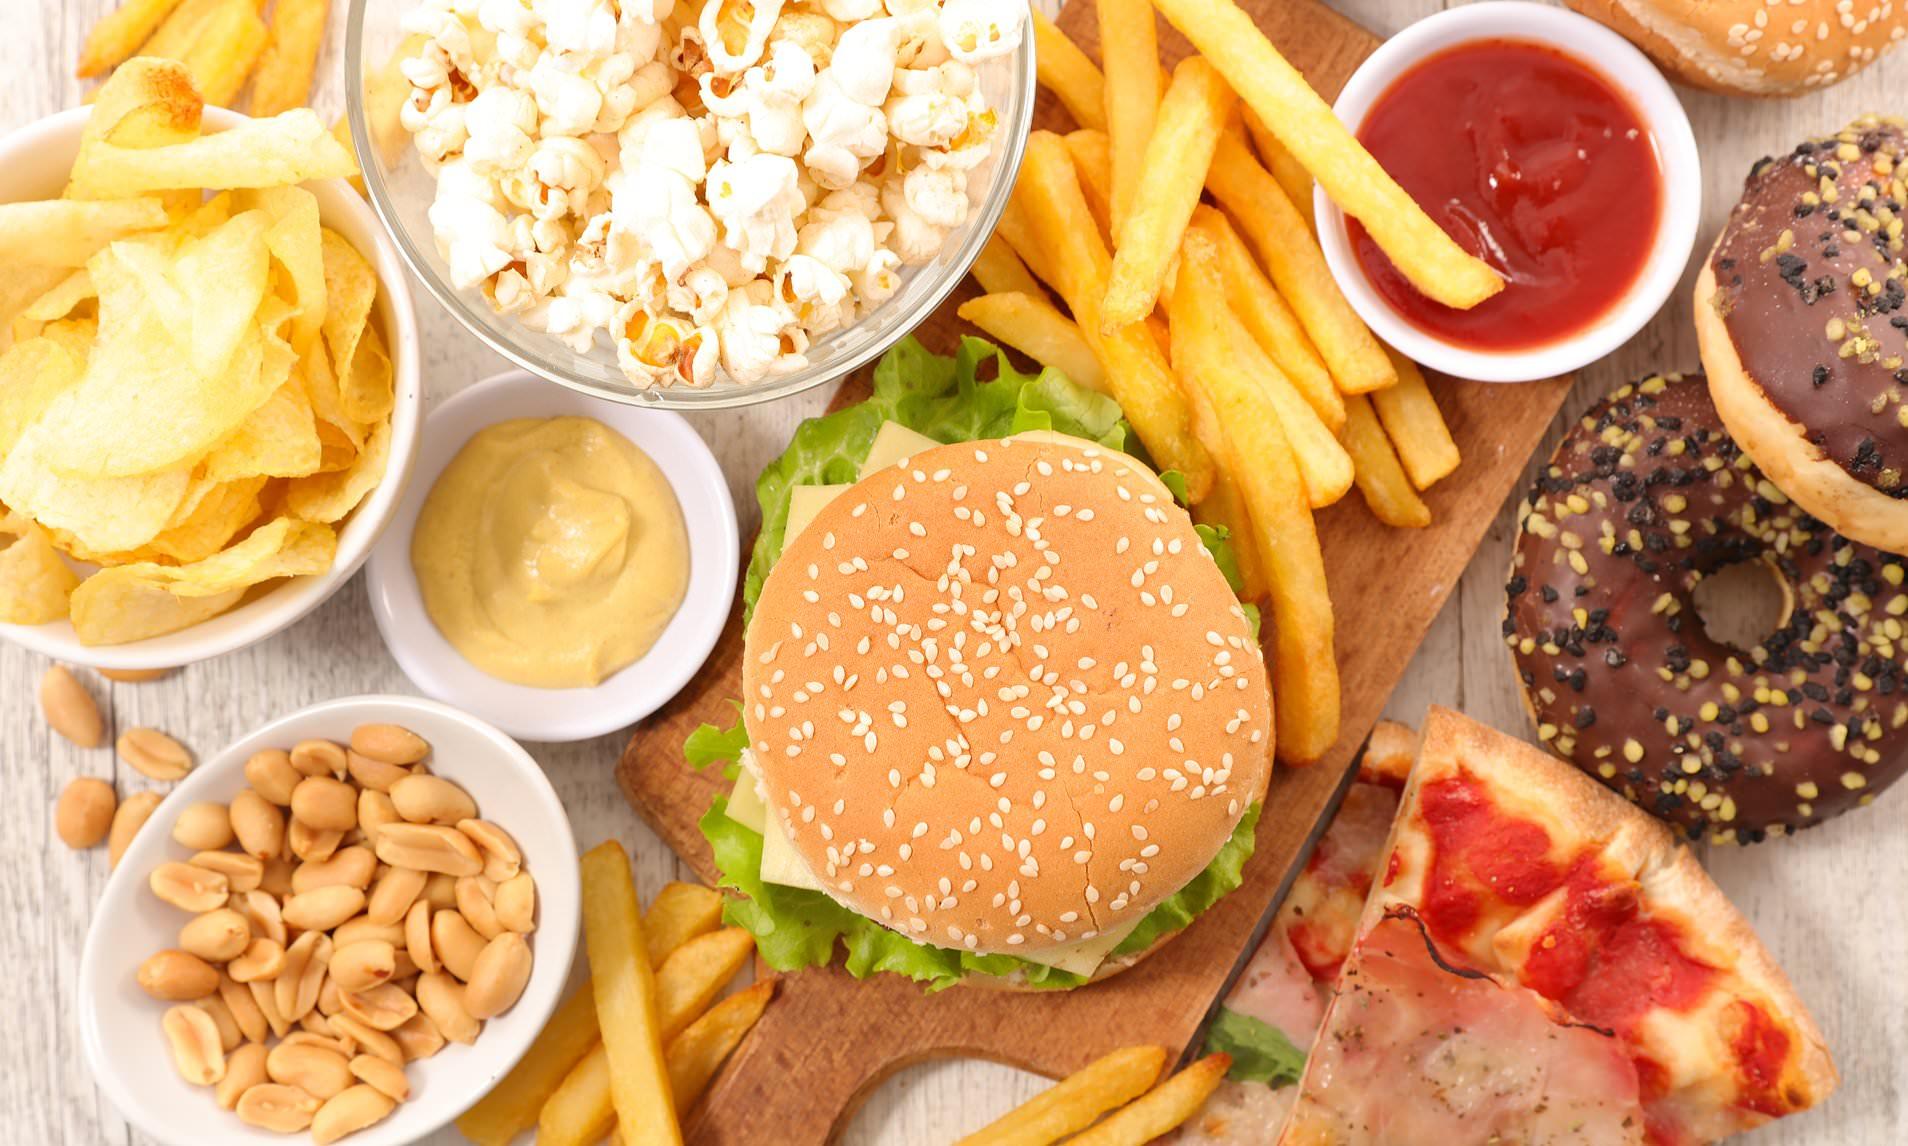 Künstliche Lebensmittel